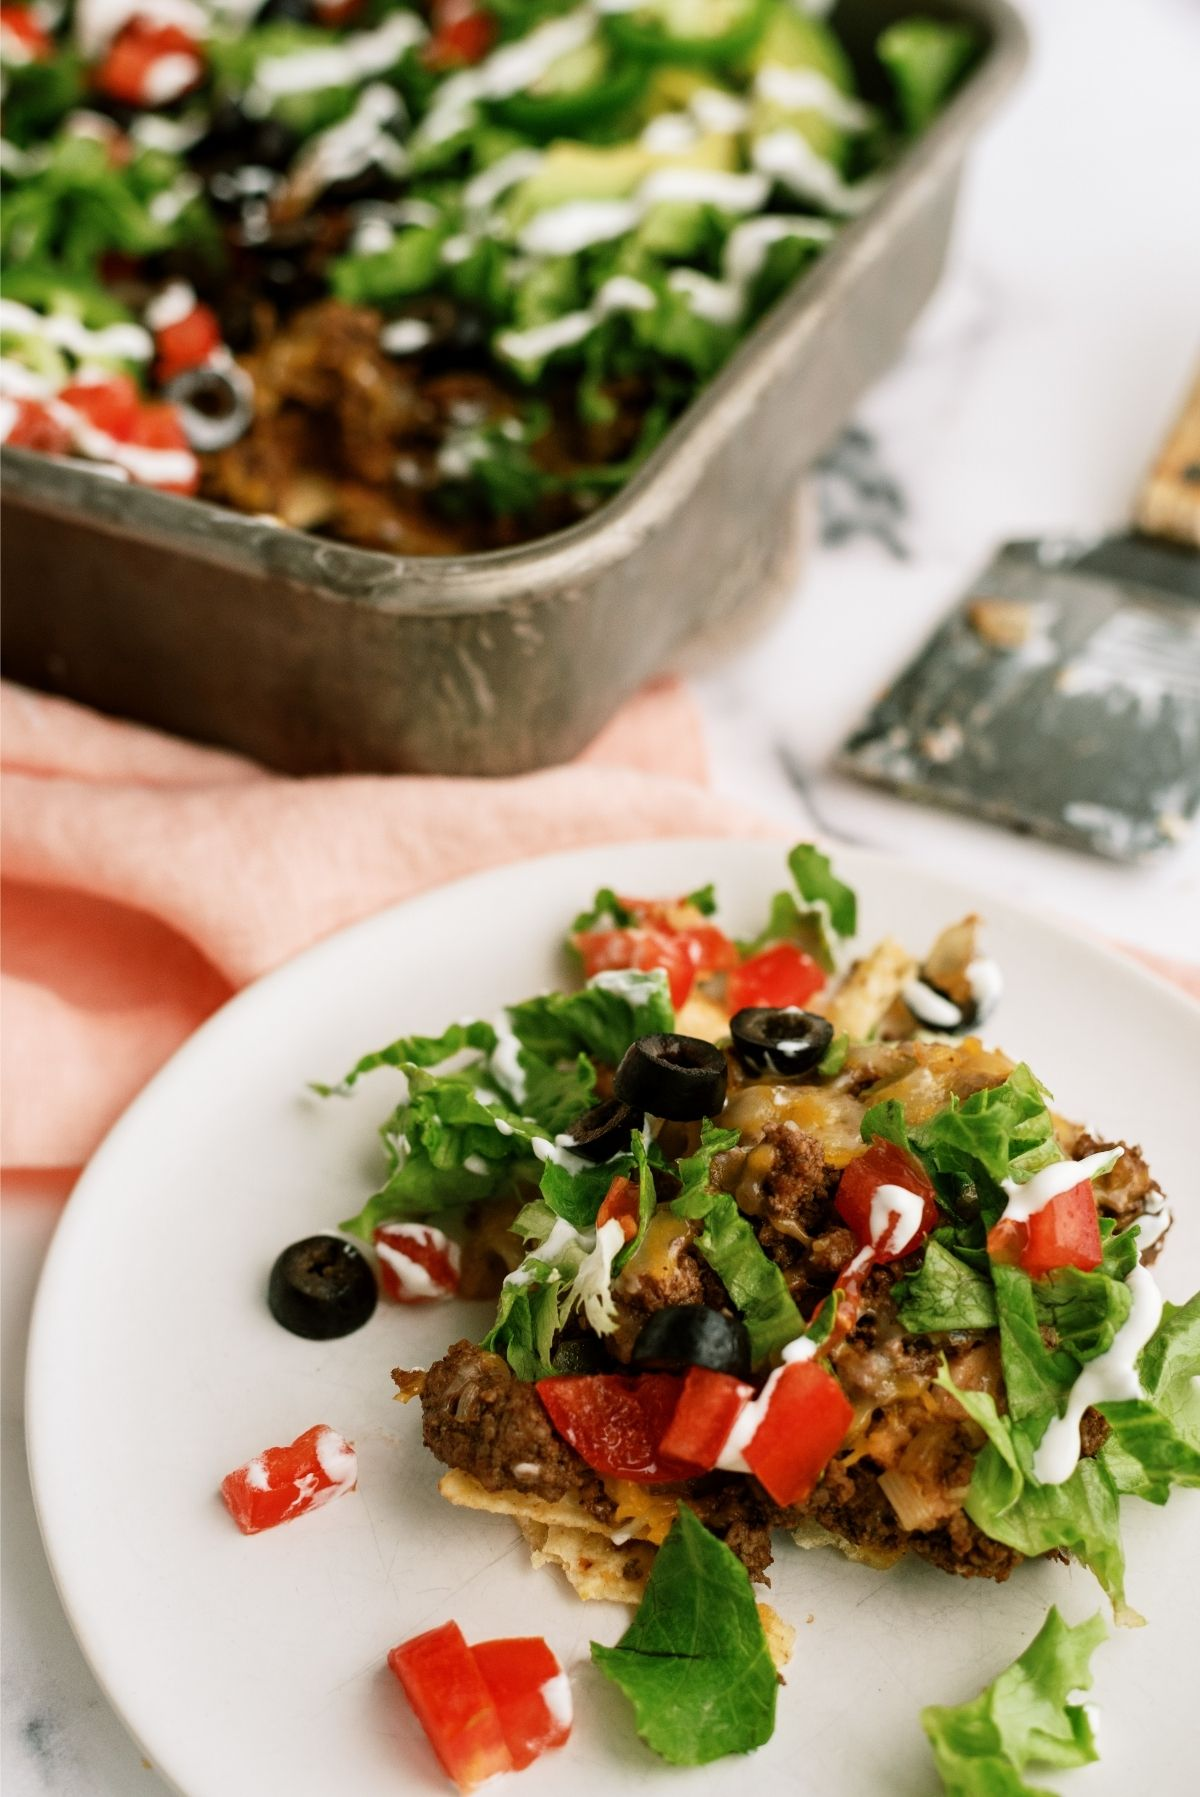 20 Minute Taco Salad Casserole Recipe